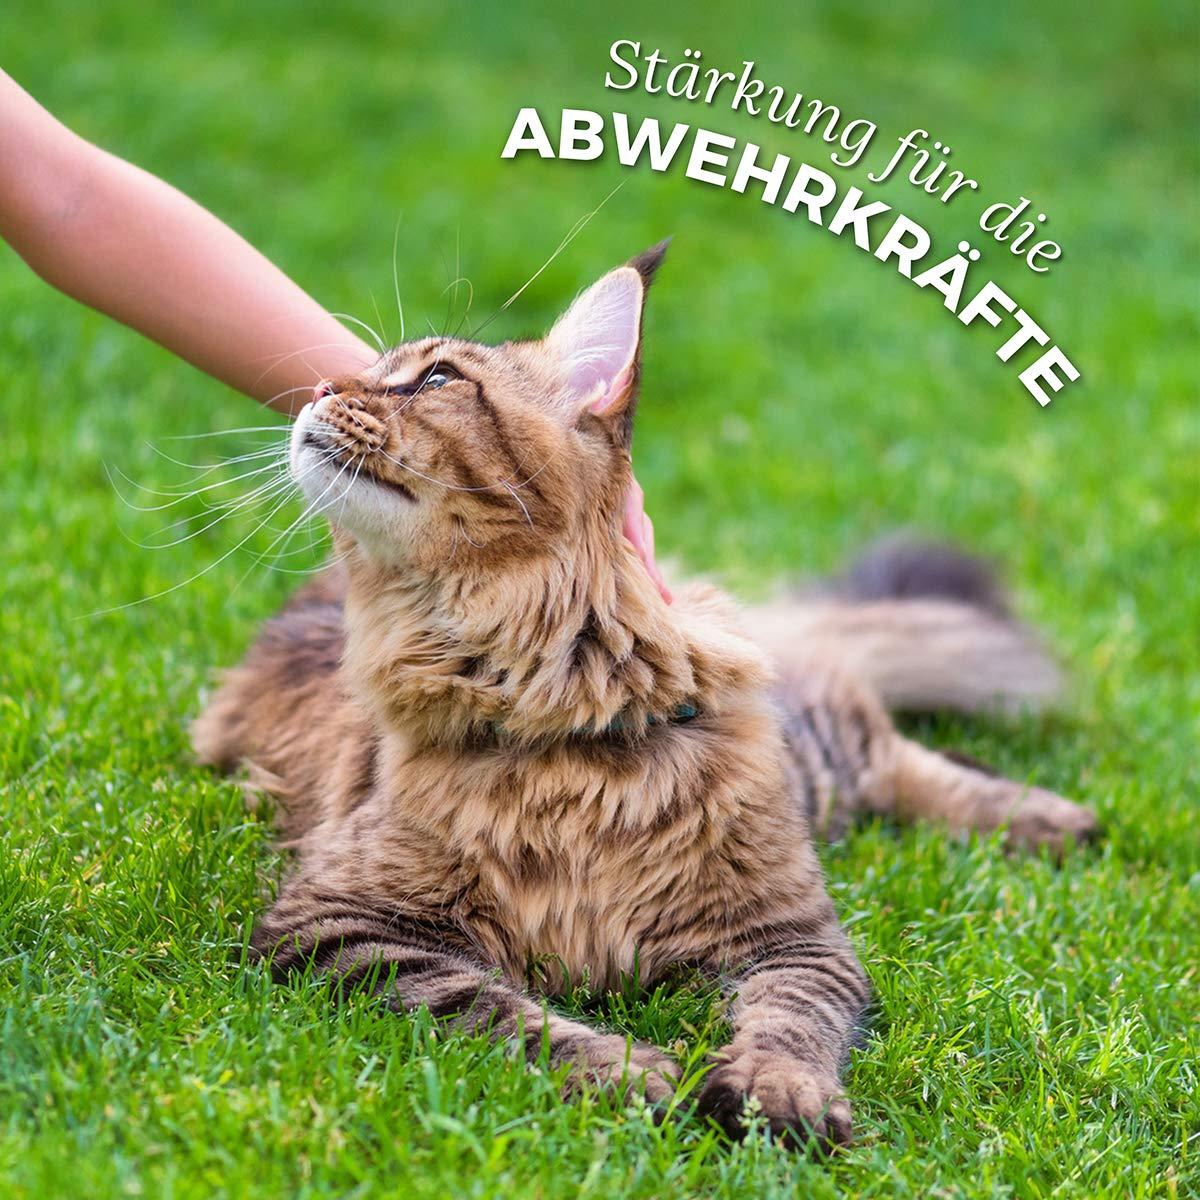 Pastillas AntiGarrapatas para Gatos (60 cápsulas) | Producto ...